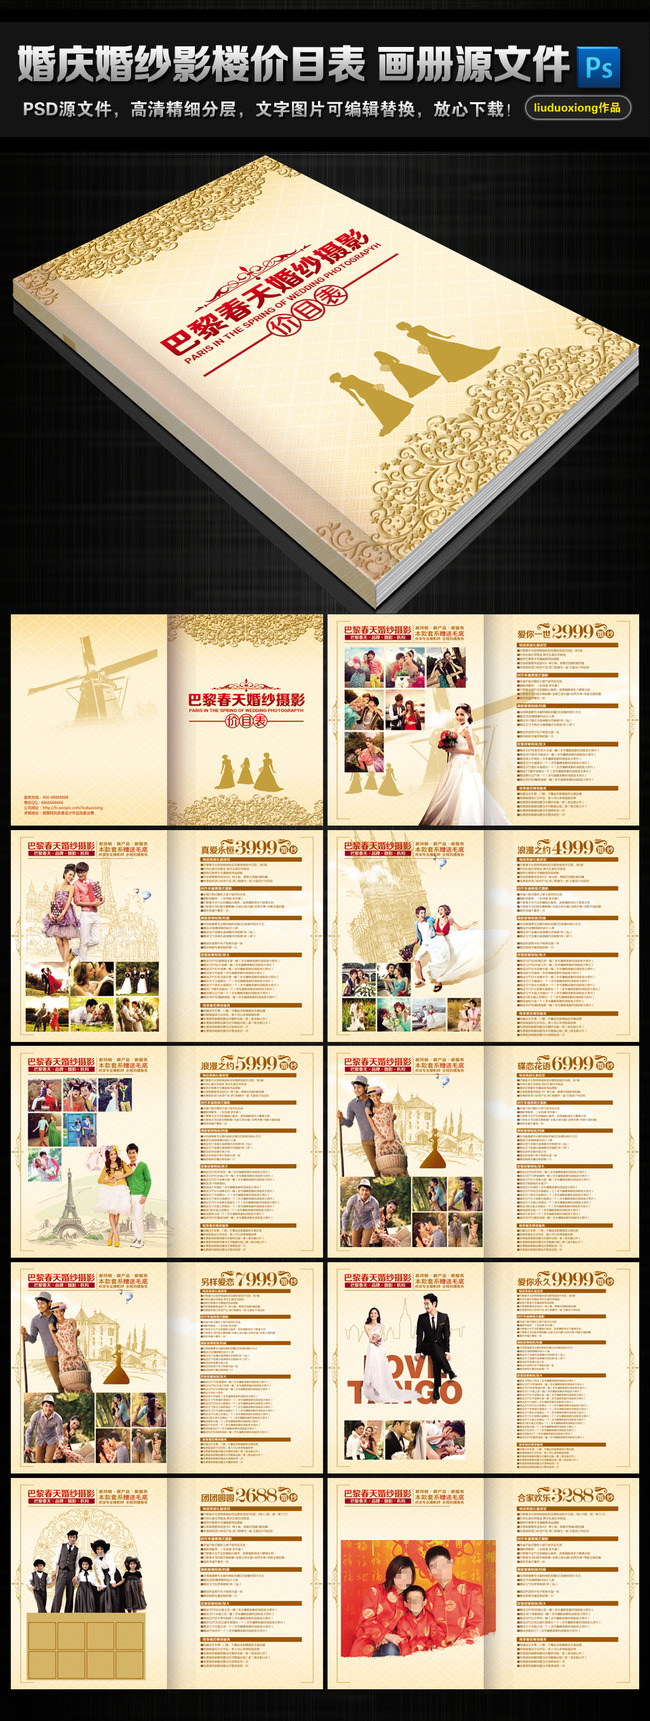 婚庆婚纱摄影影楼婚礼价目表宣传册画册模板下载(图片